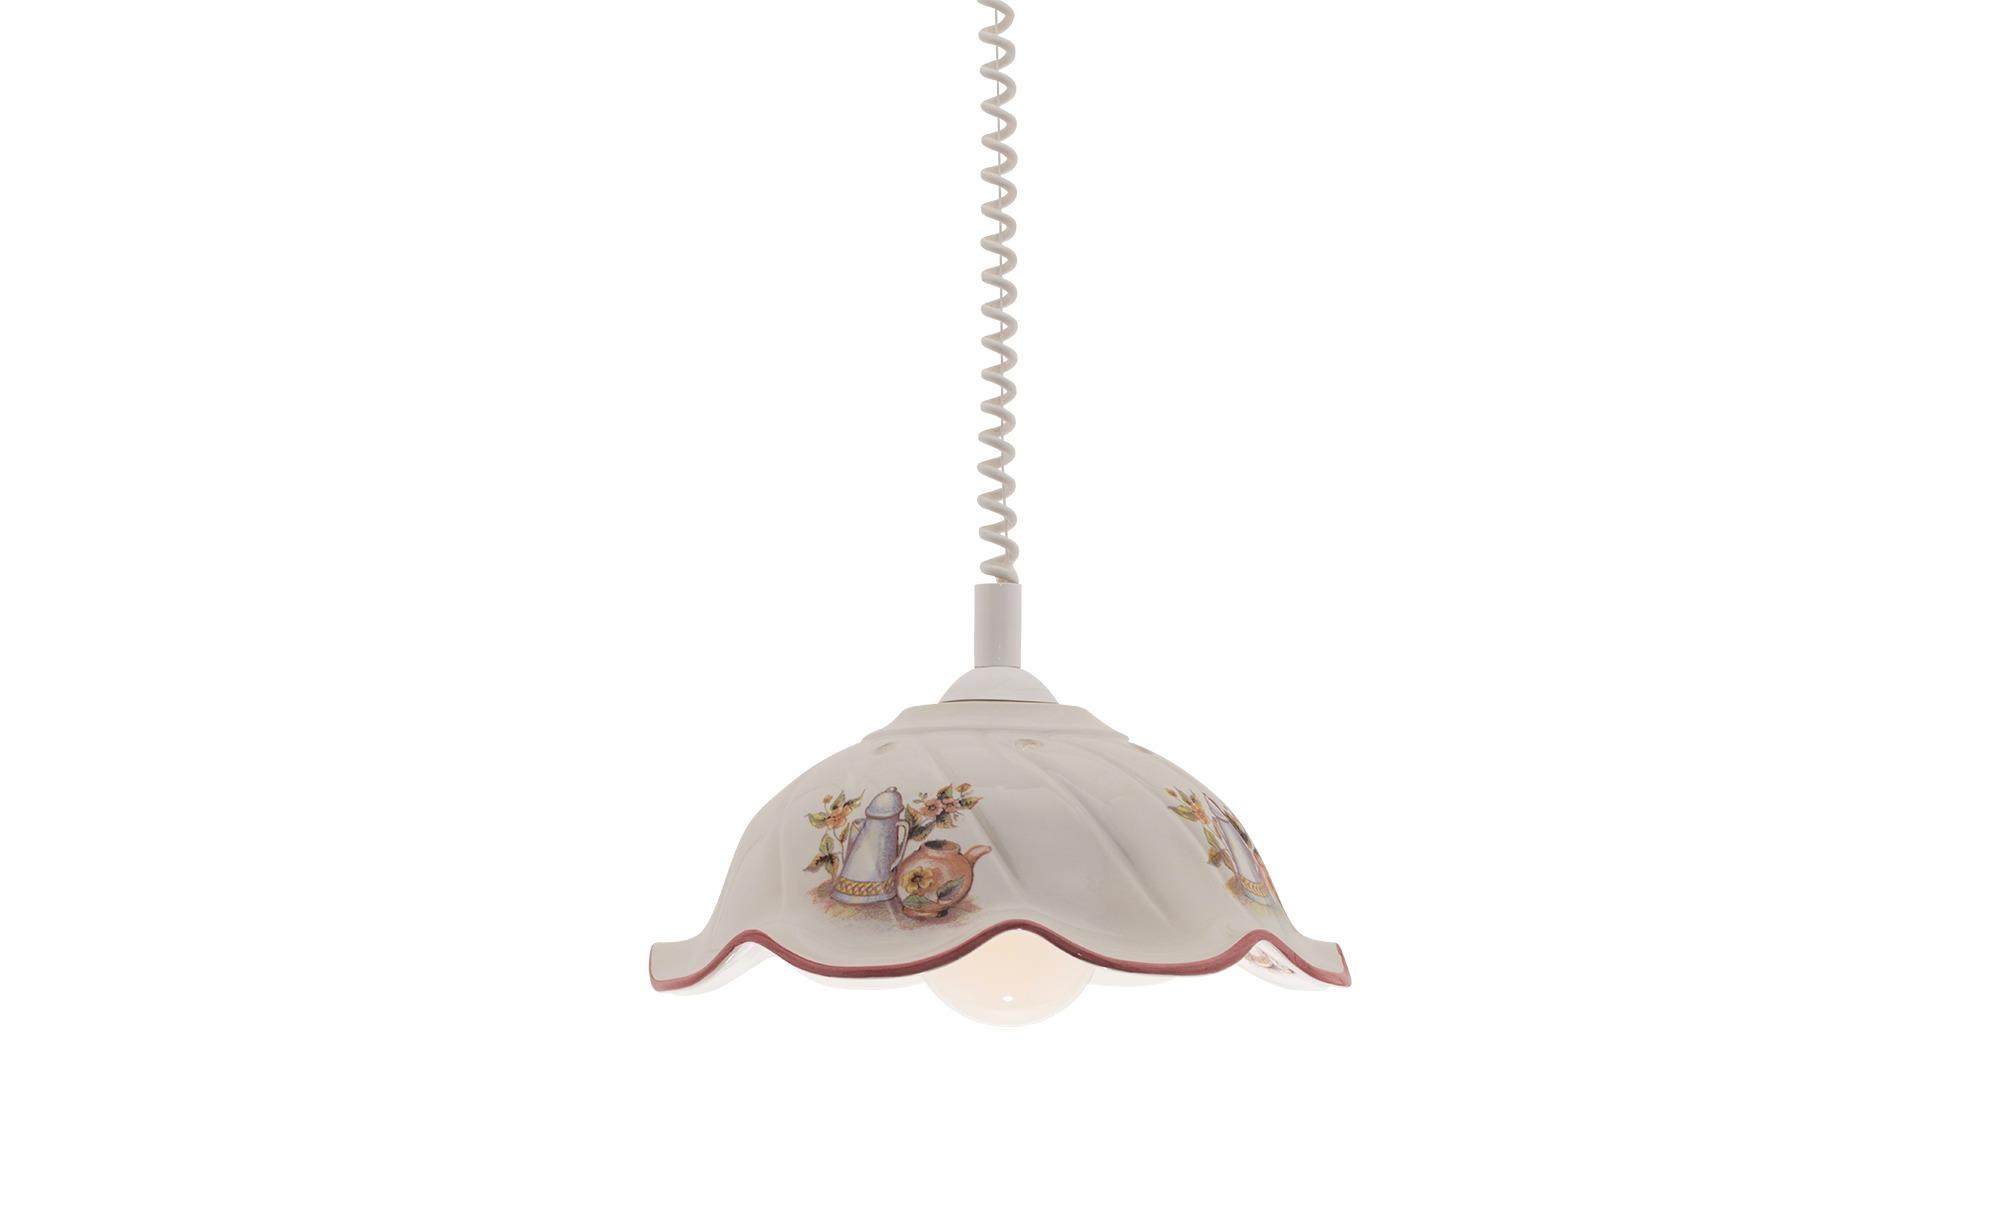 Pendelleuchte mit verziertem Keramikschirm ¦ mehrfarbigØ: 38 Lampen & Leuchten > Innenleuchten > Pendelleuchten - Höffner